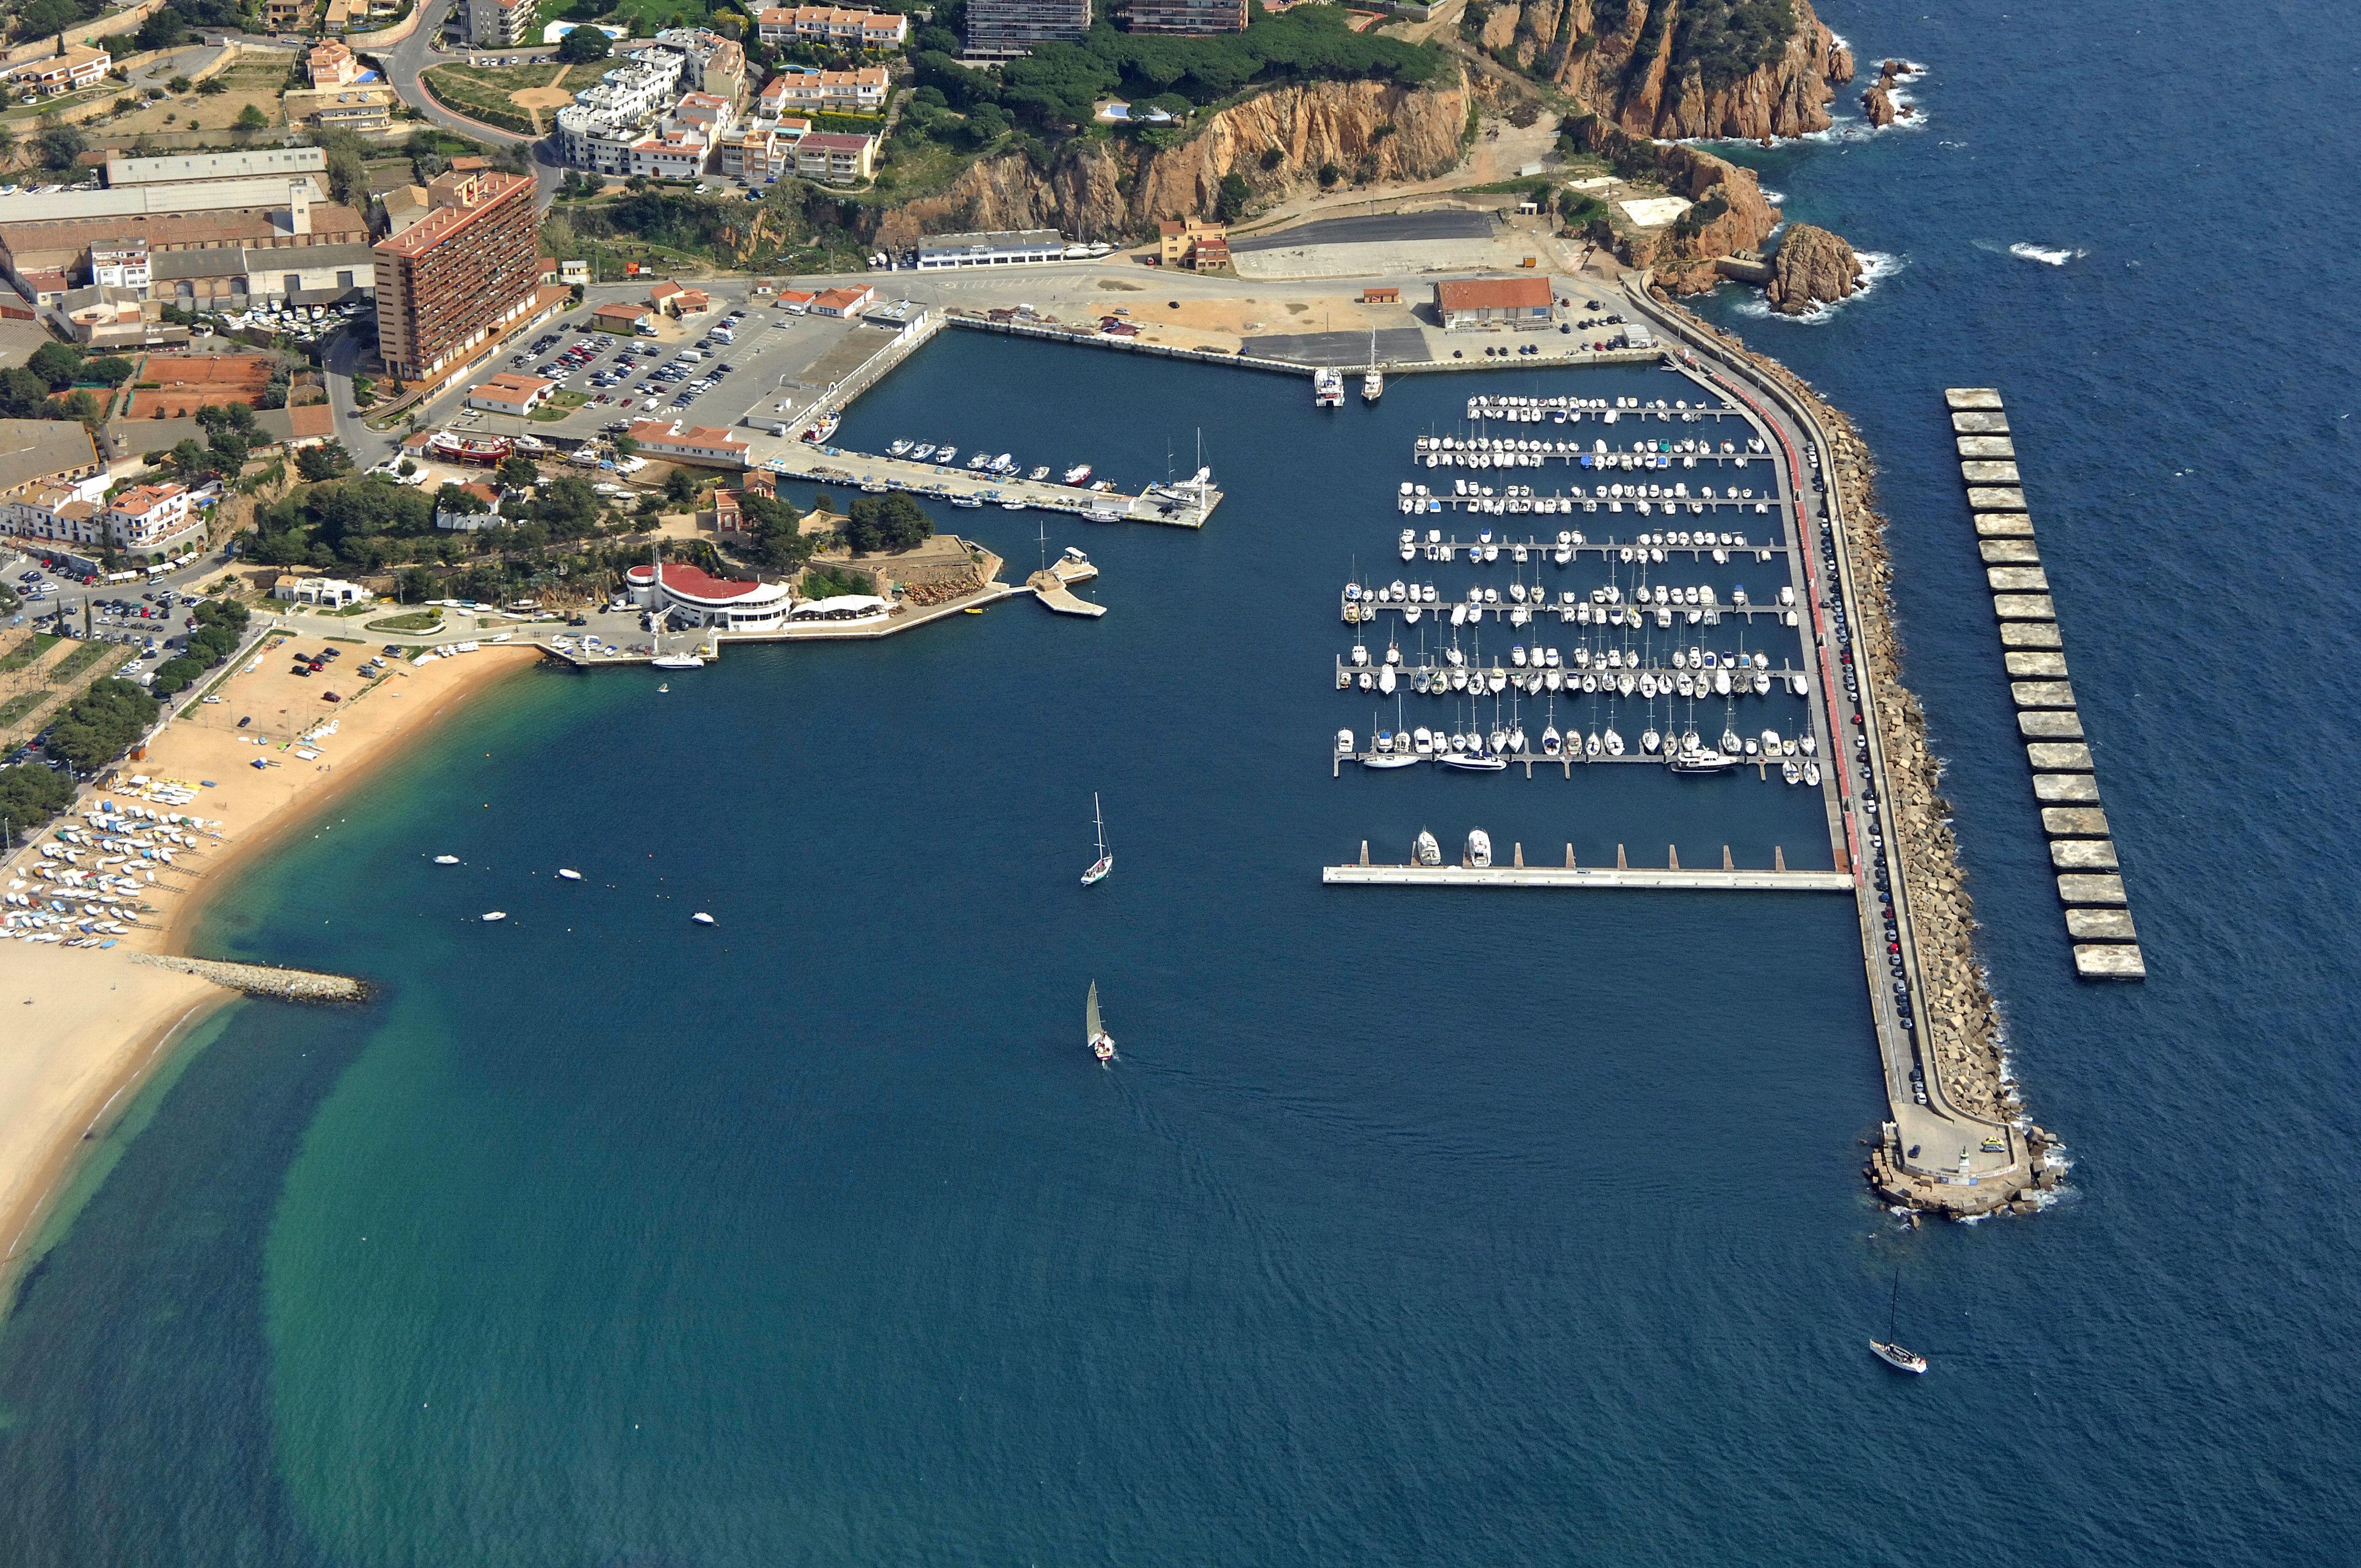 Sant Feliu De Guixols Marina in Sant Feliu De Guixols, Spain